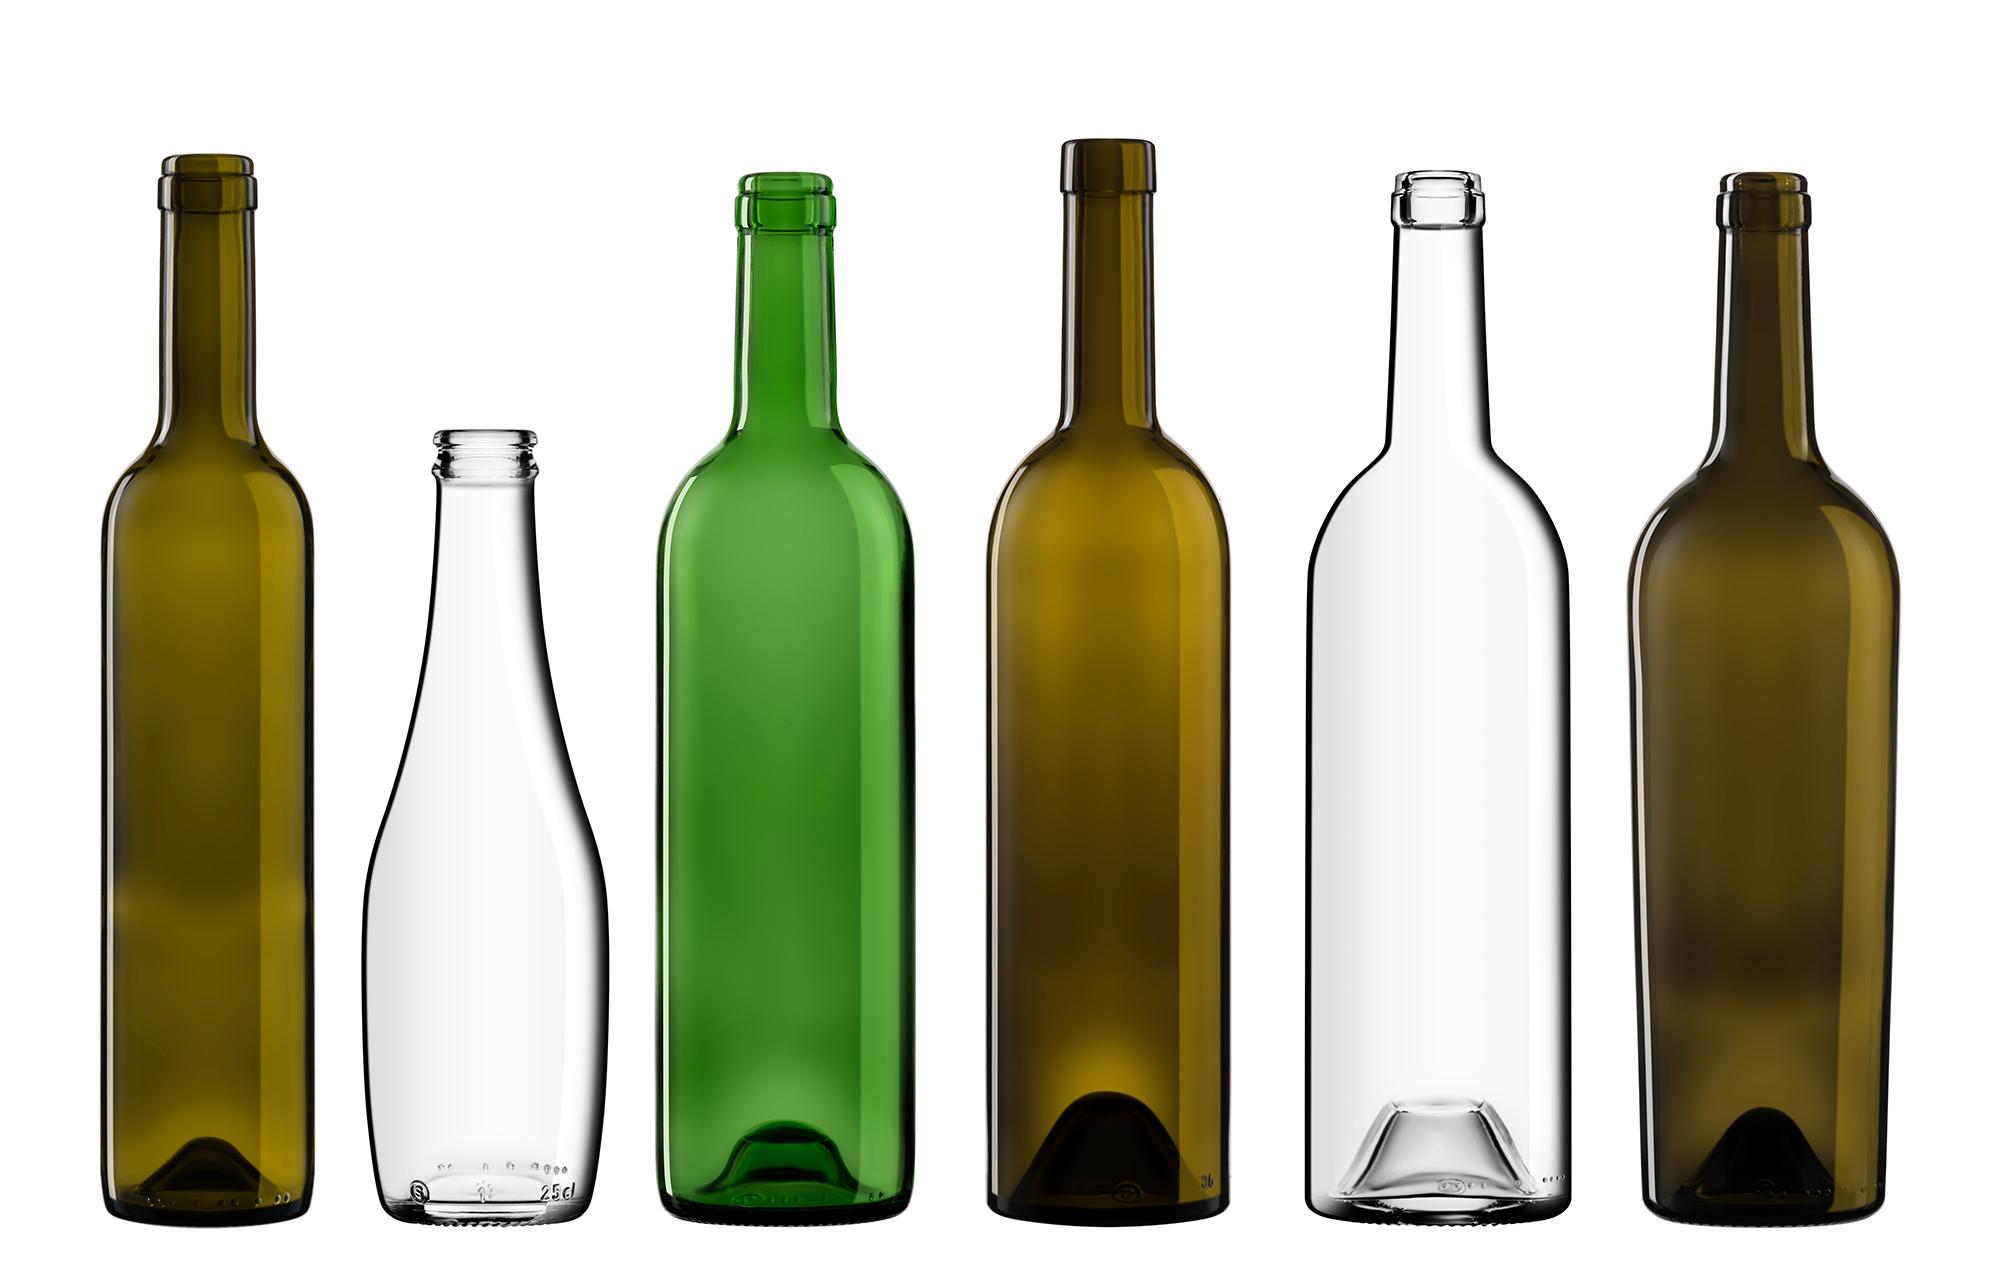 Sevam bottles